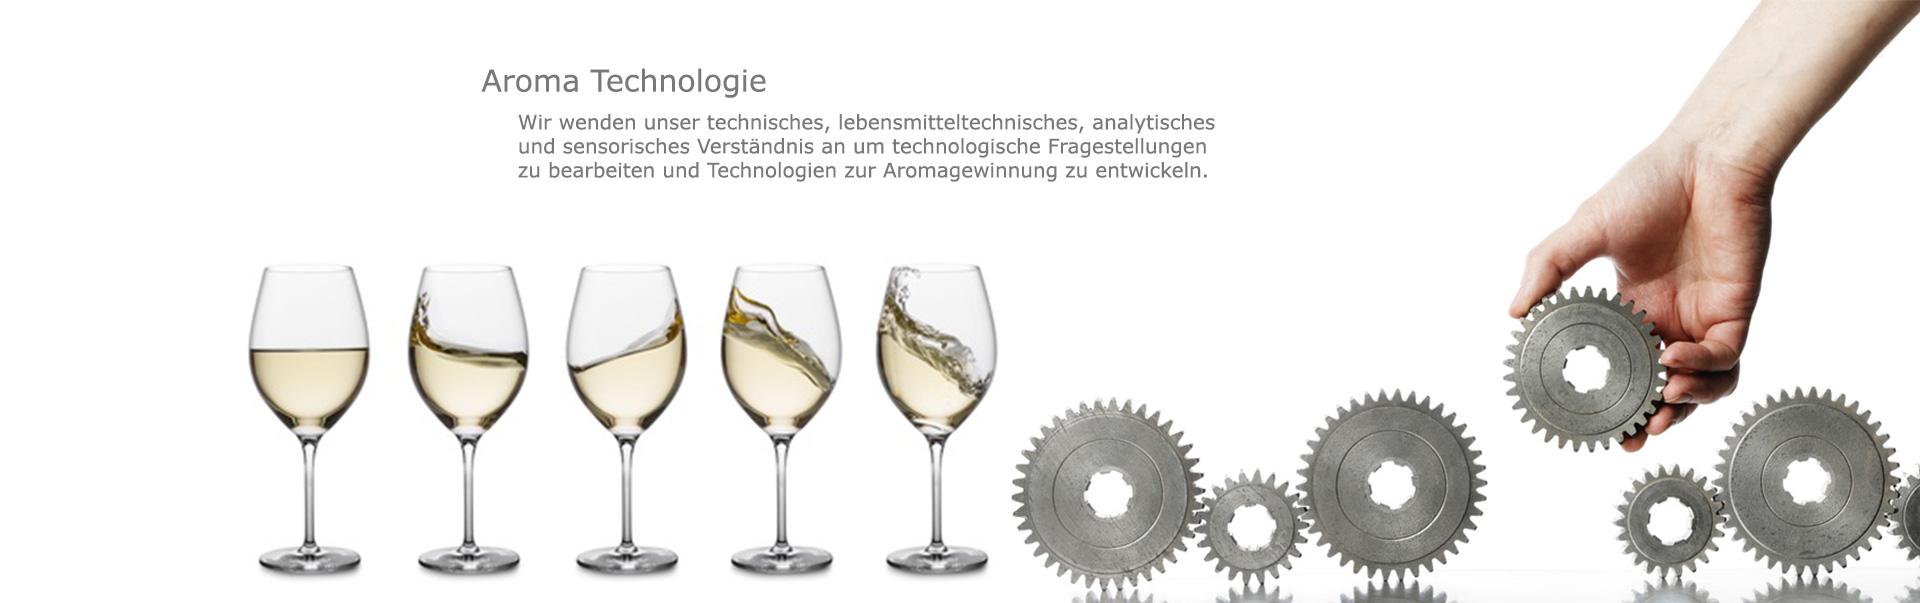 Flavologic_Slider_2-Deutsch